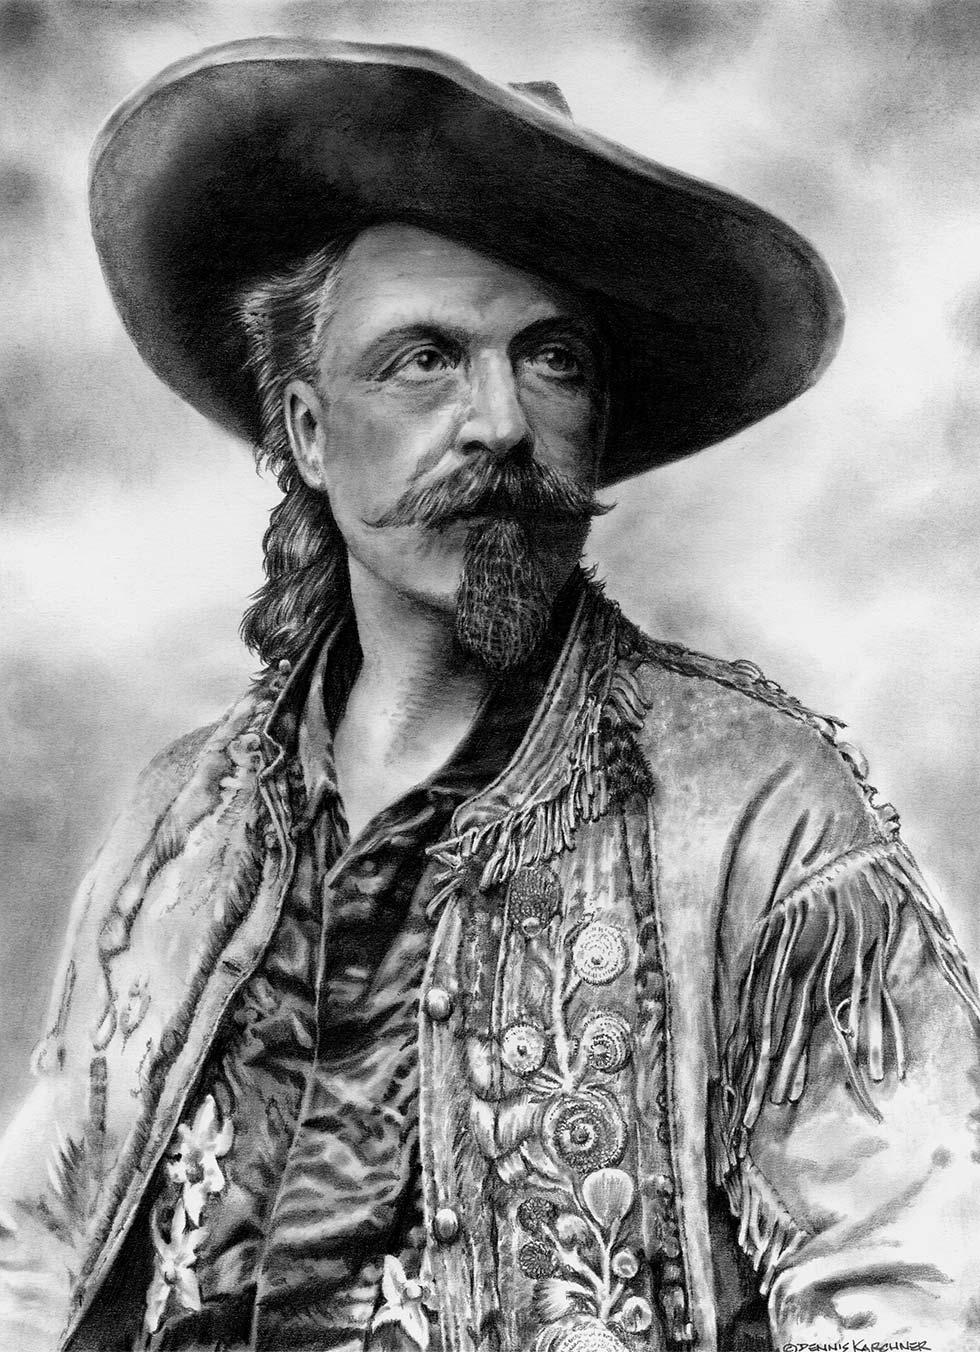 Jack Red Cloud